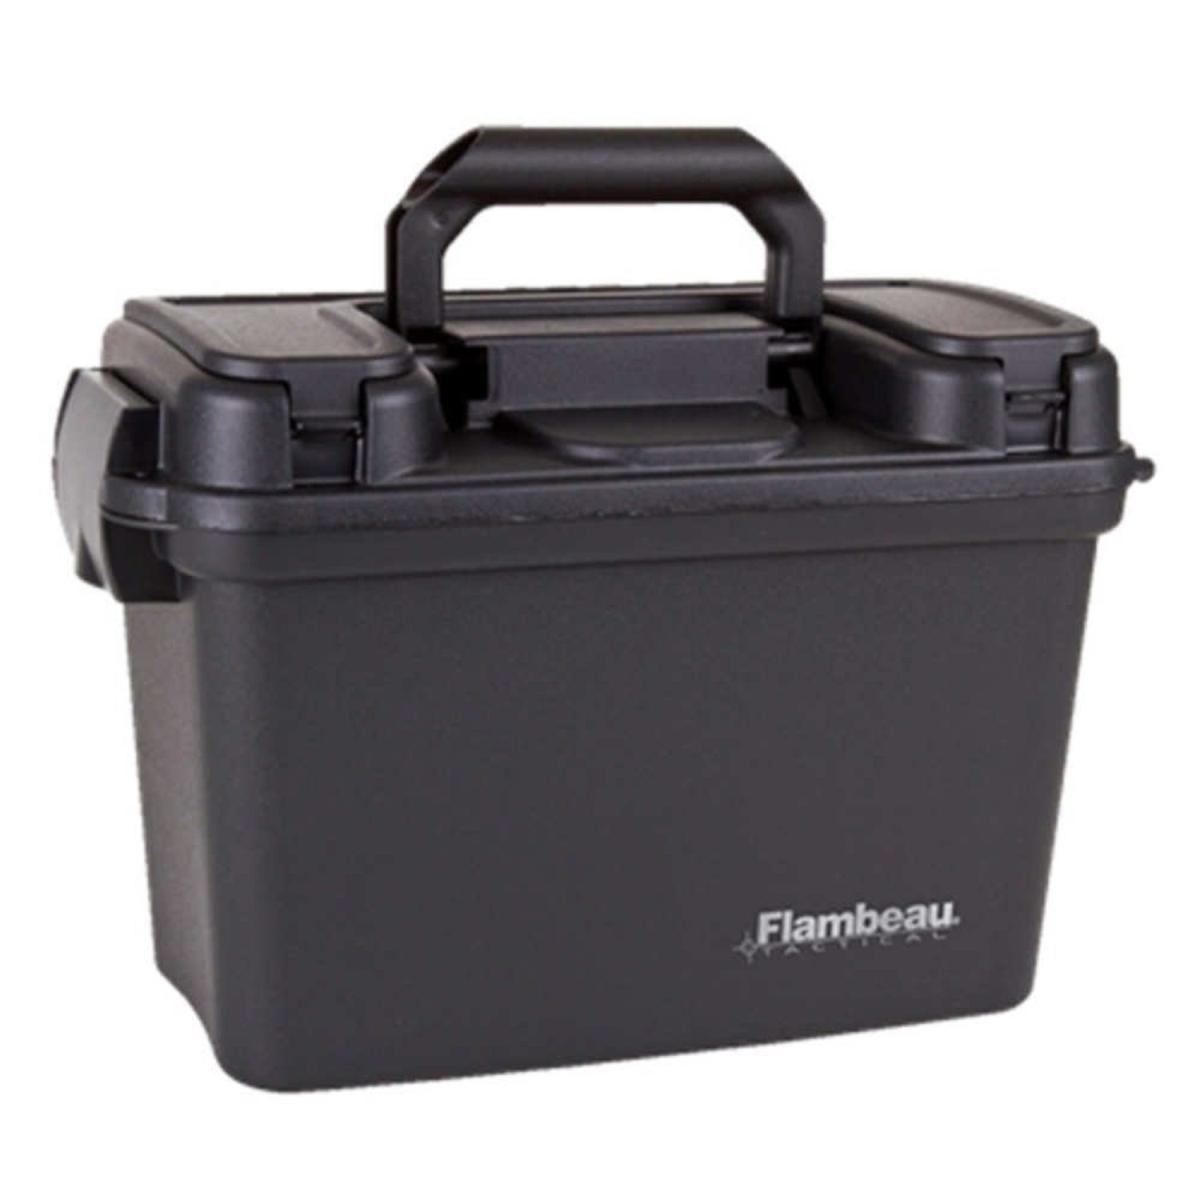 Flambeau 14